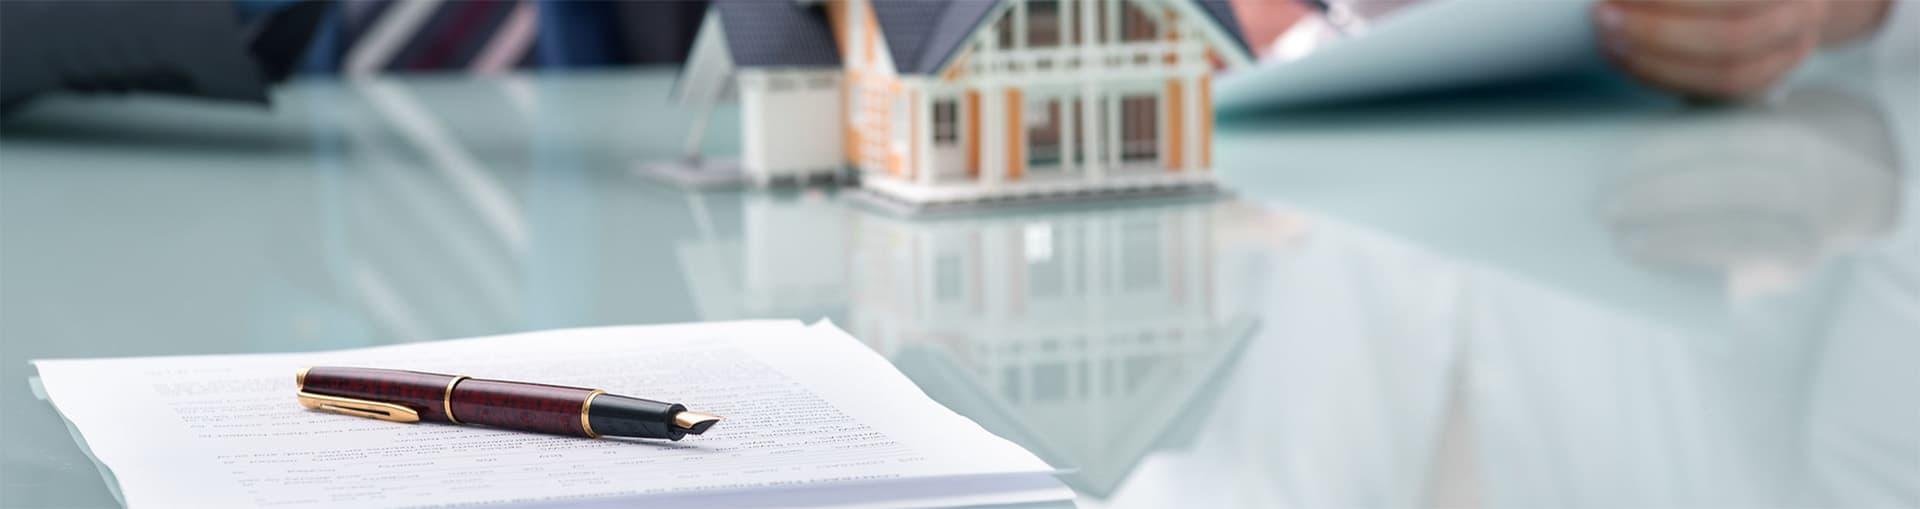 ingatlan ügyvéd, Ingatlanjogász, ügyvéd, ingatlan adásvétel